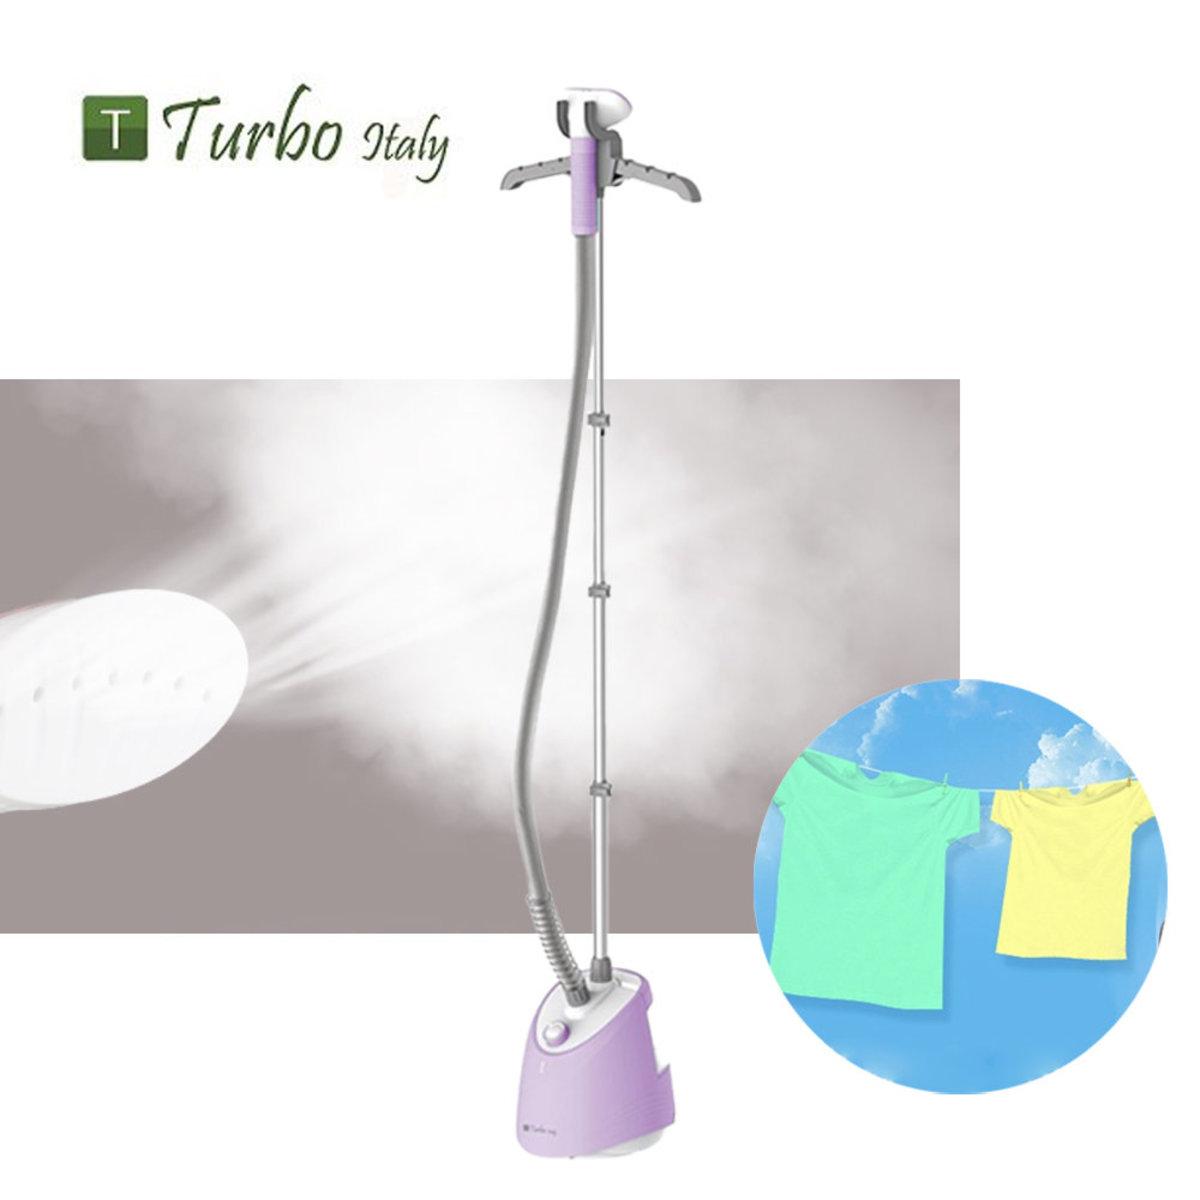 多用途專業蒸氣掛燙機 TGS-248  (高溫殺菌 抗菌 消毒)